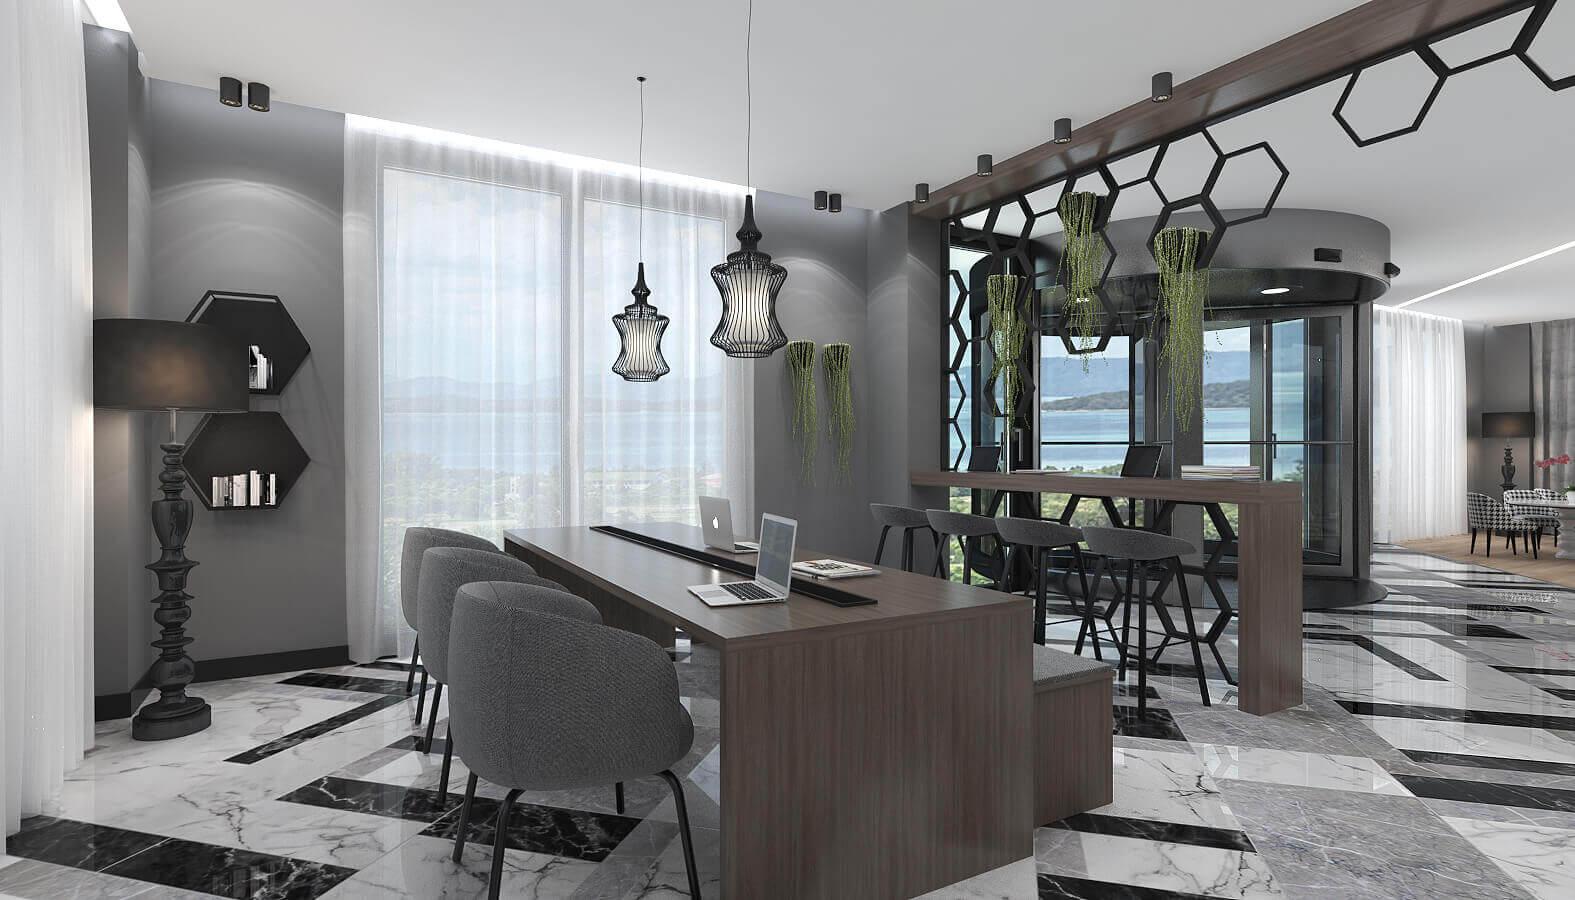 Ören 3593 Doğruer hotel Oteller